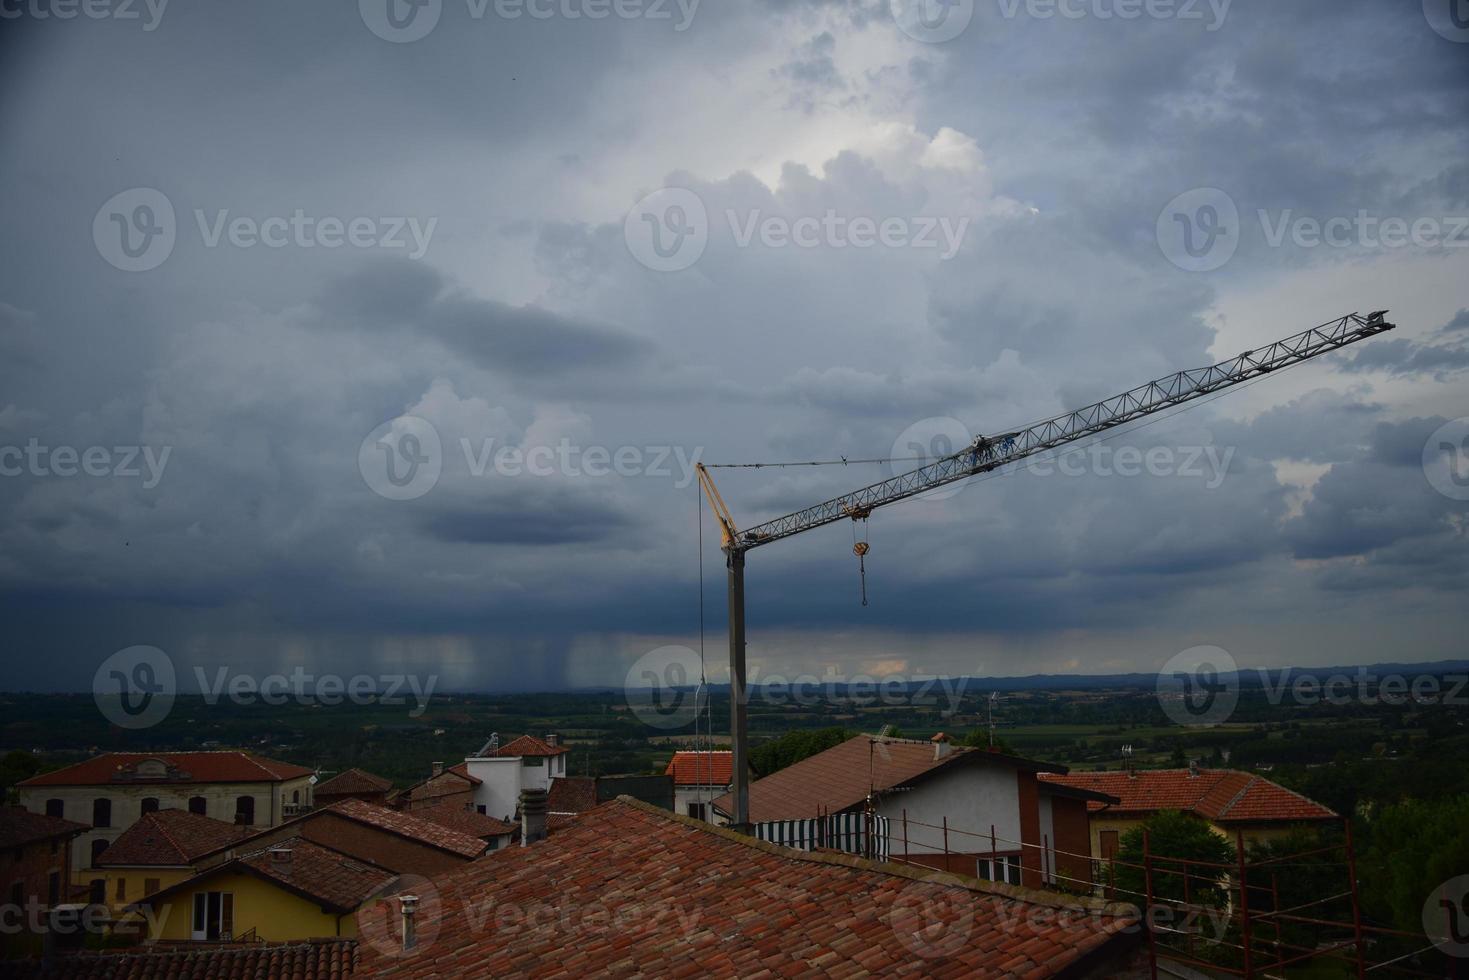 vor dem regen bruno, italien foto